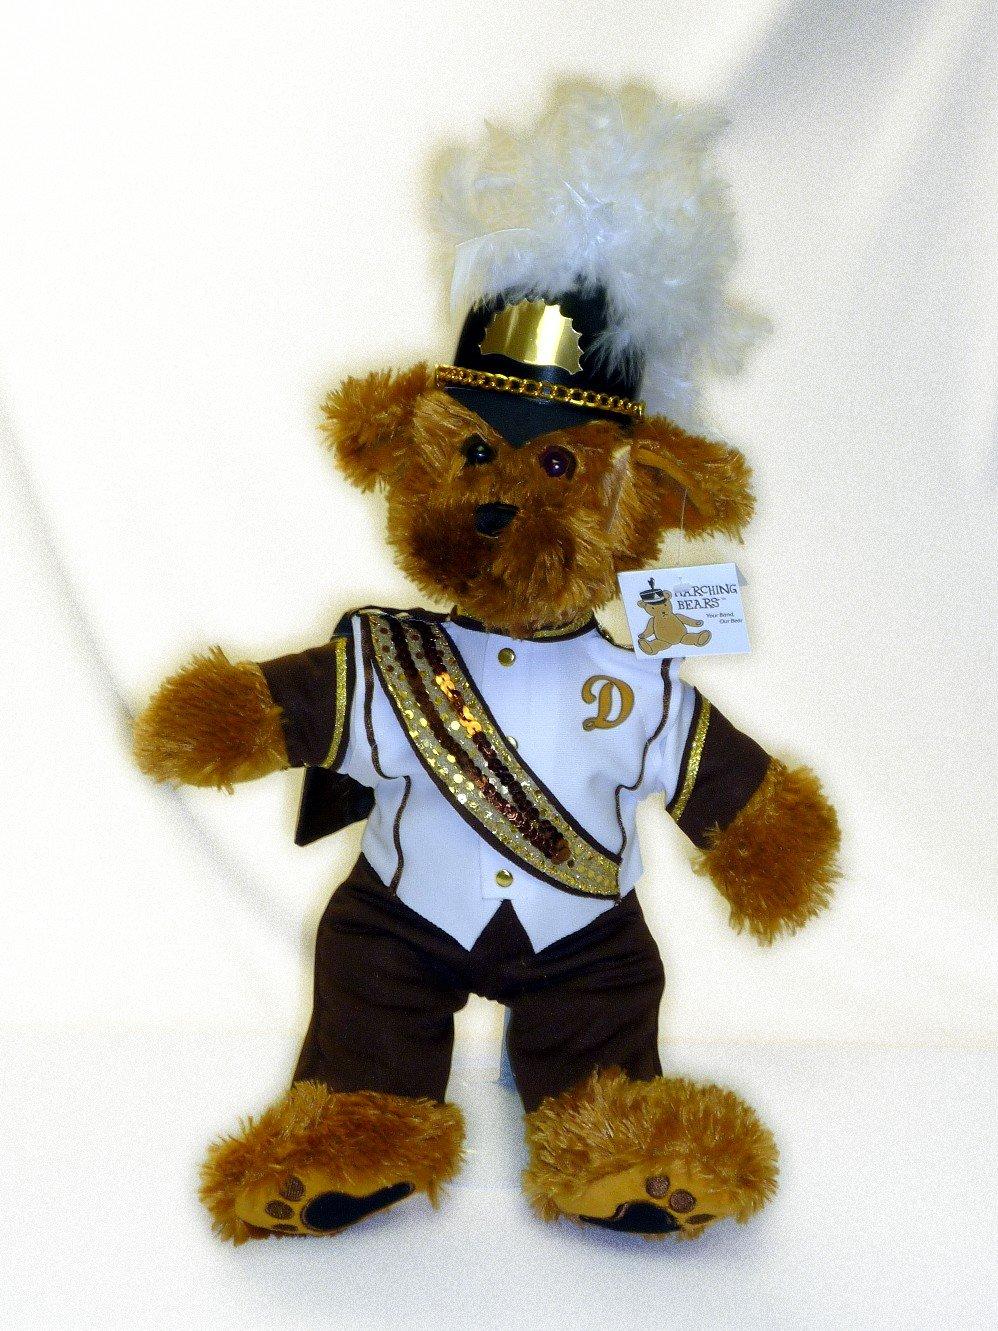 Delran HS Marching Band Uniform Teddy Bear